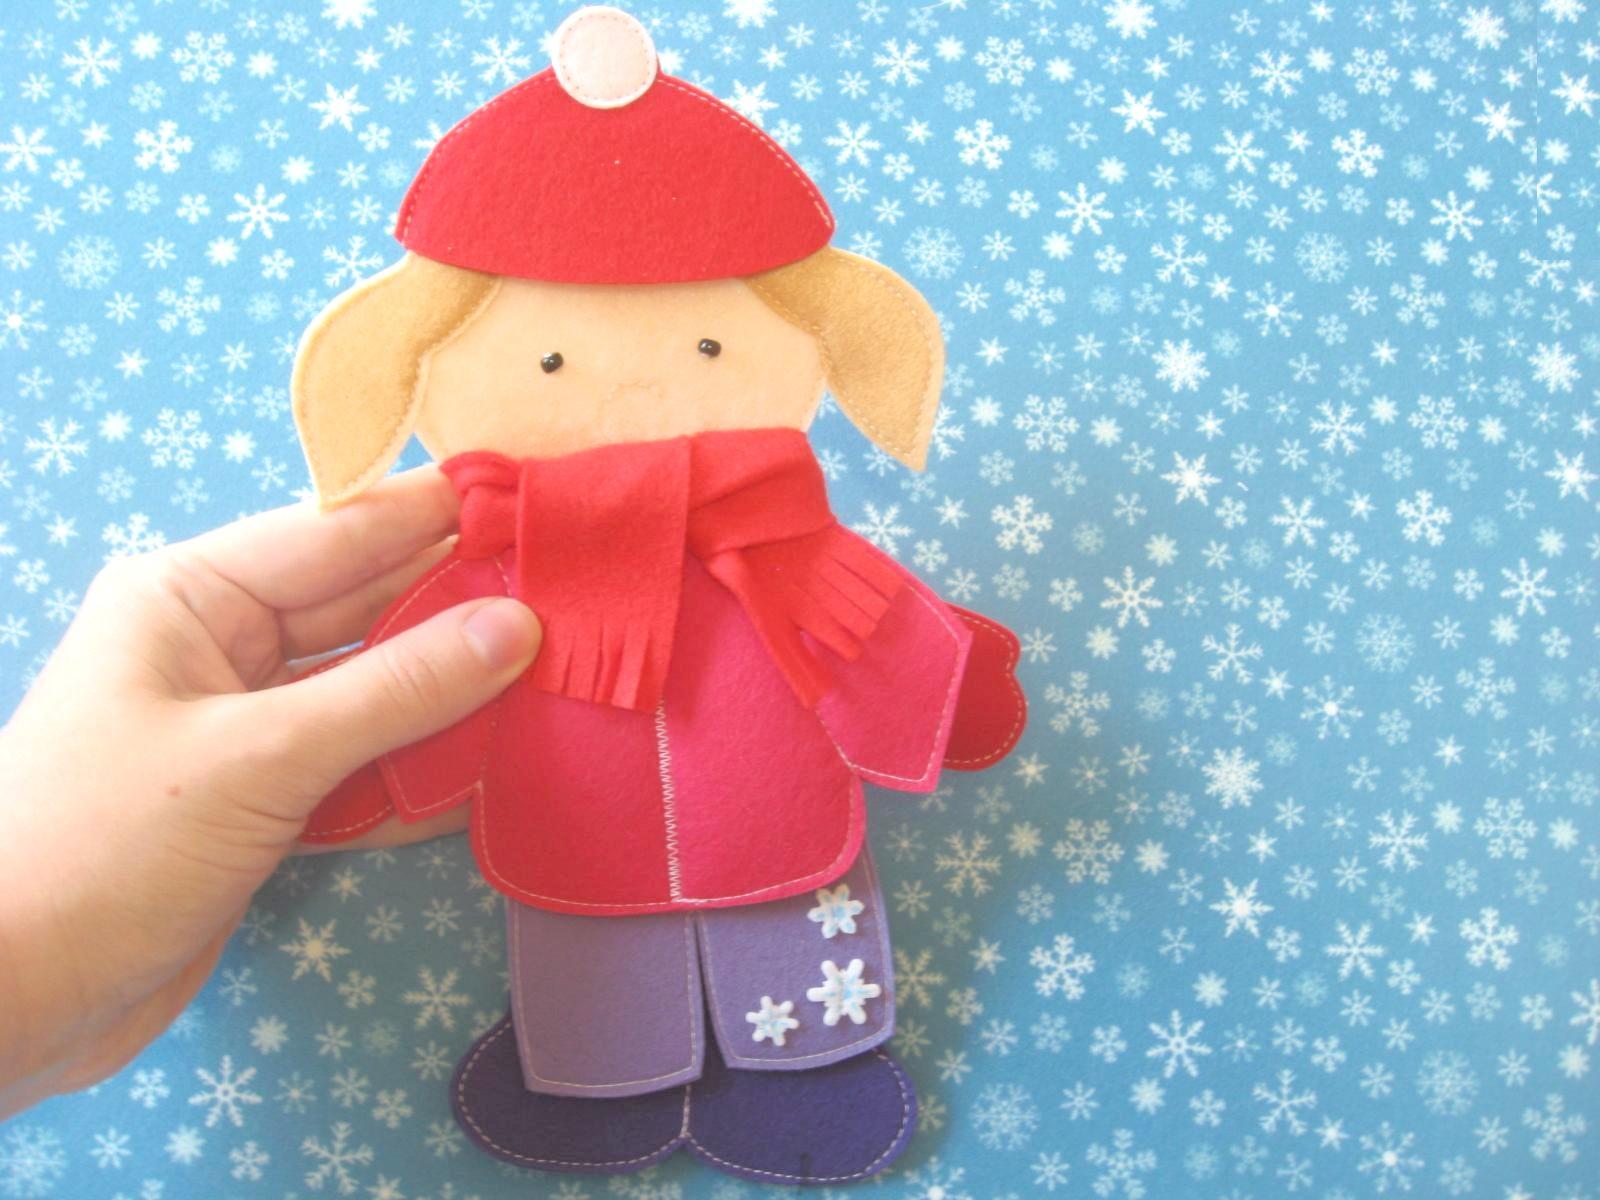 одежда для кукол из фетра выкройки игрушек для детей развивающие